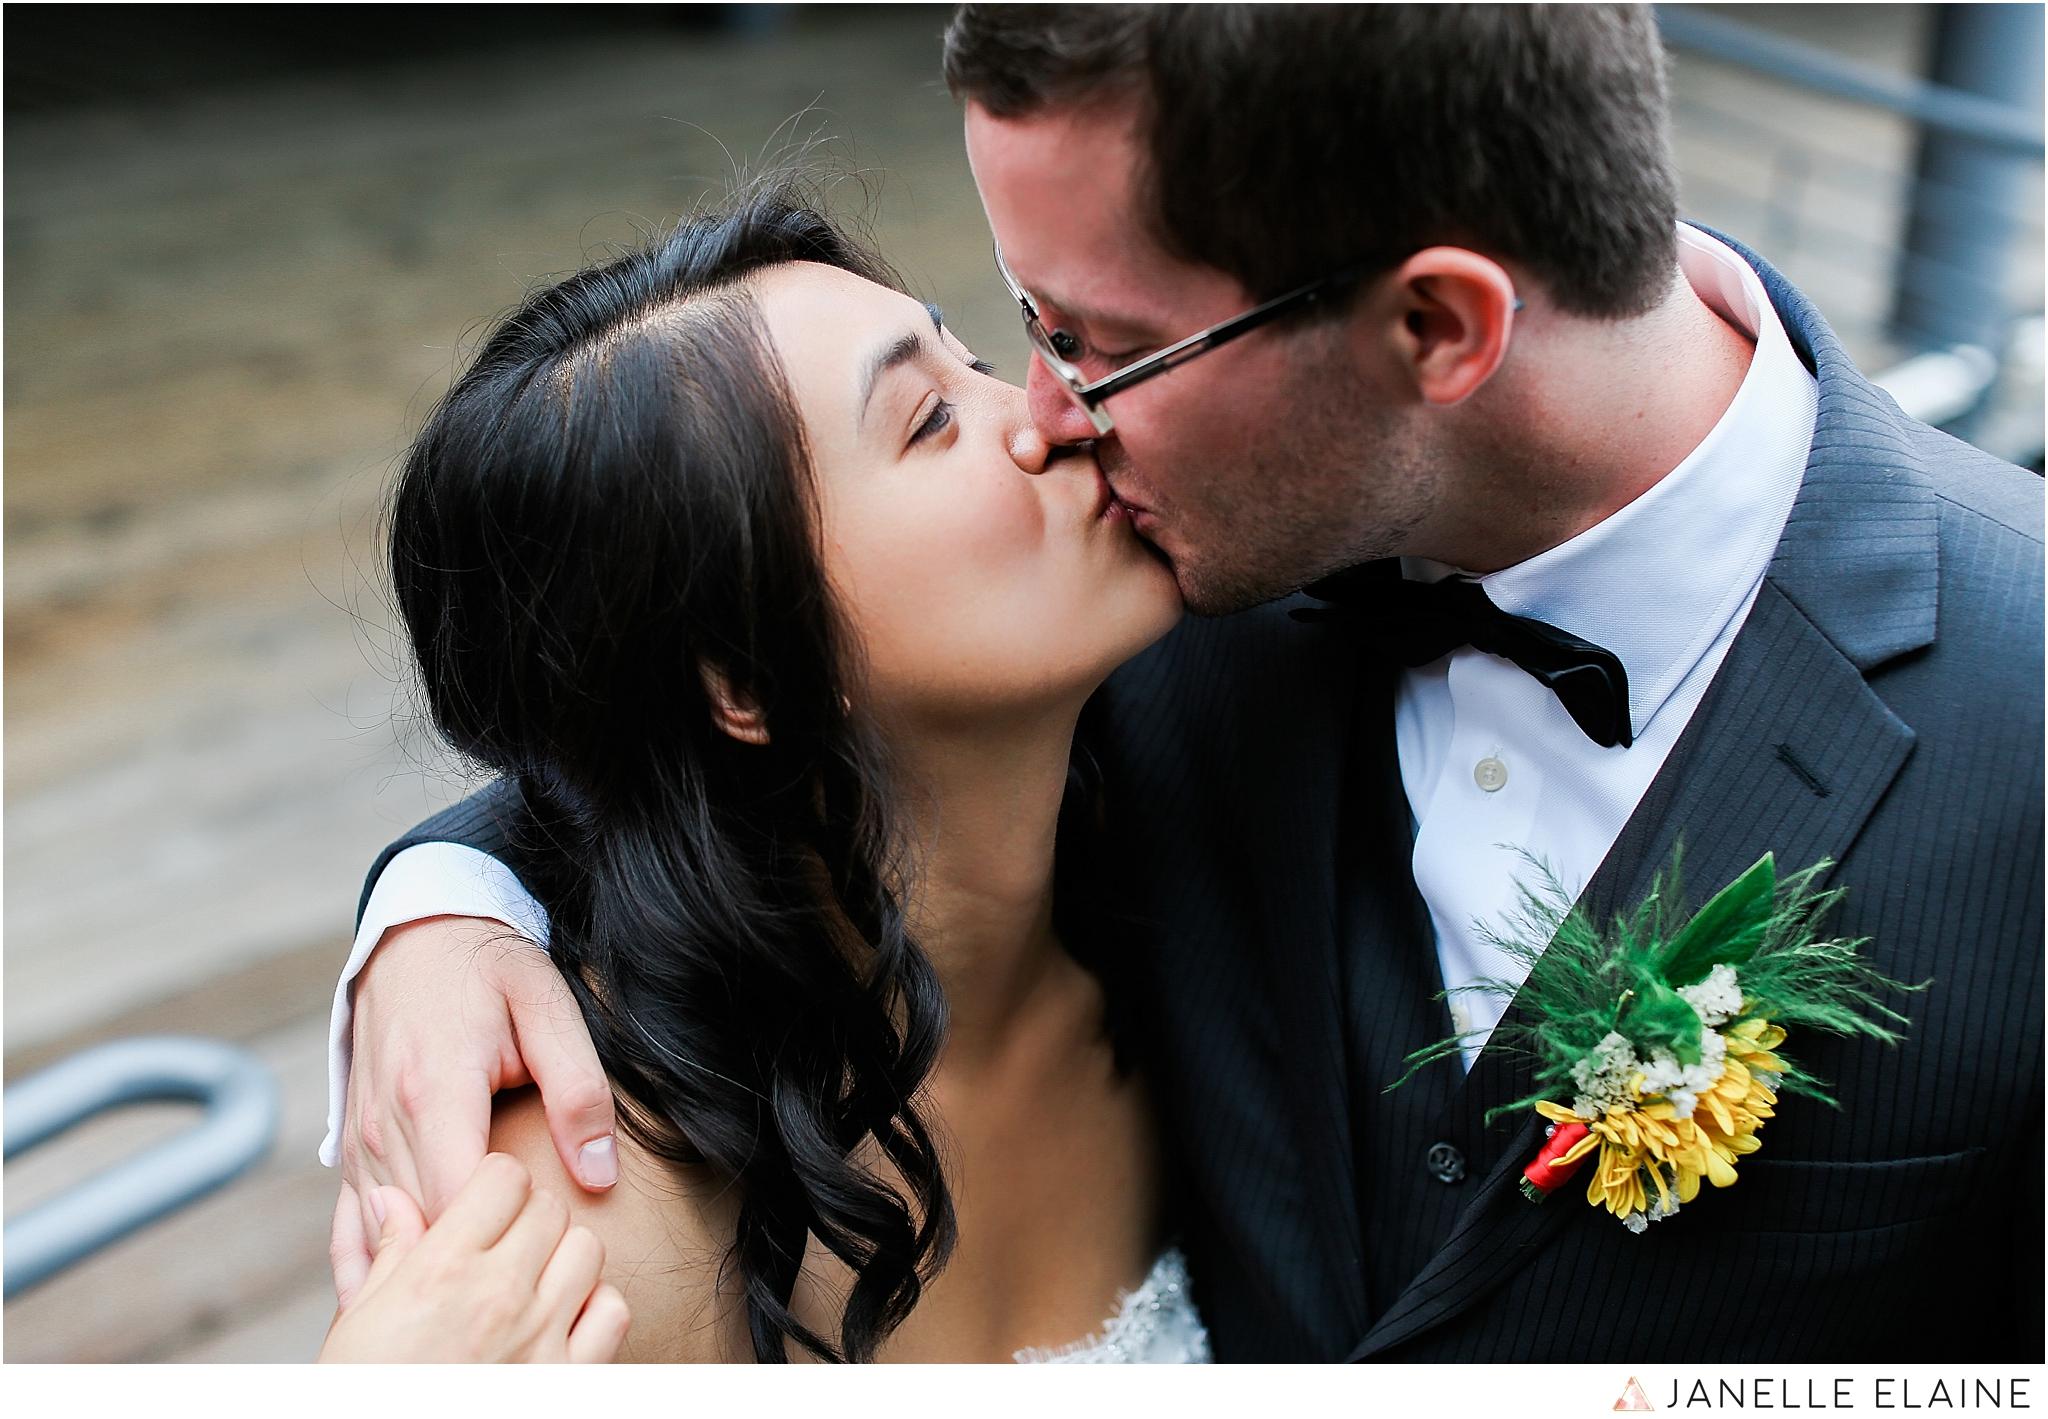 janelle elaine photography-professional wedding photographer seattle--91.jpg